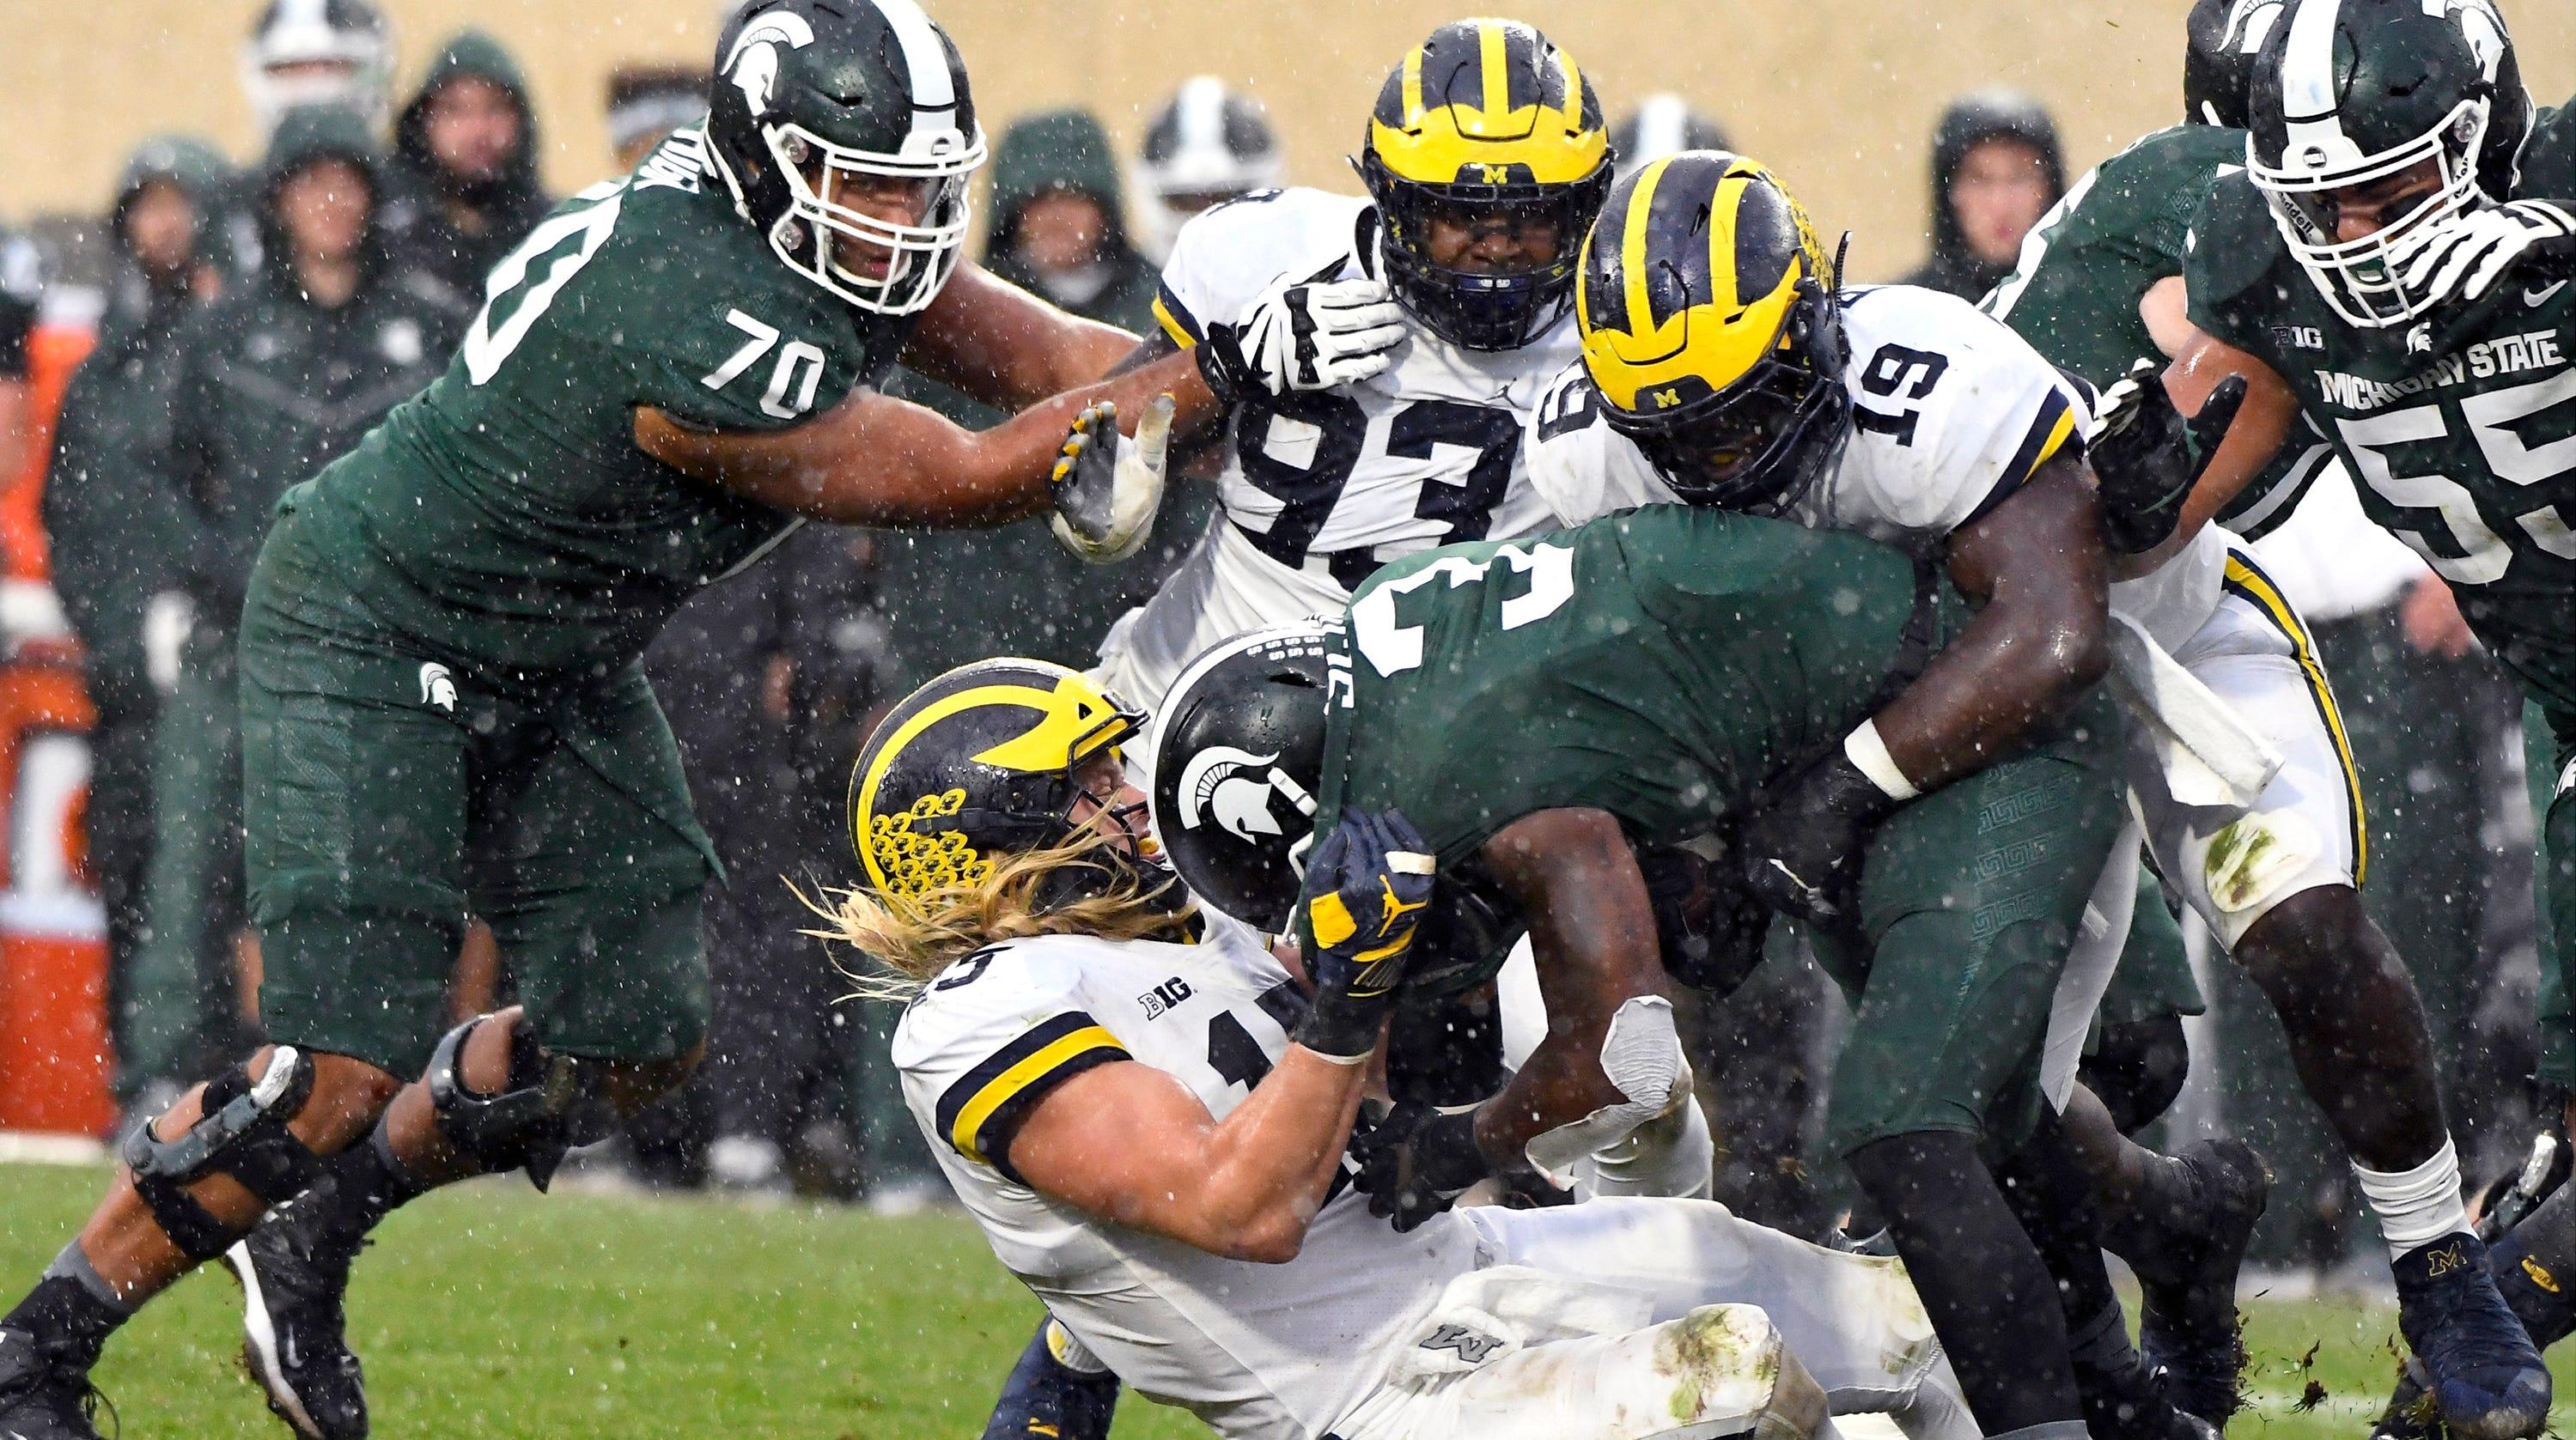 Michigan's Chase Winovich hauls down   Michigan State's LJ Scott in the second half.